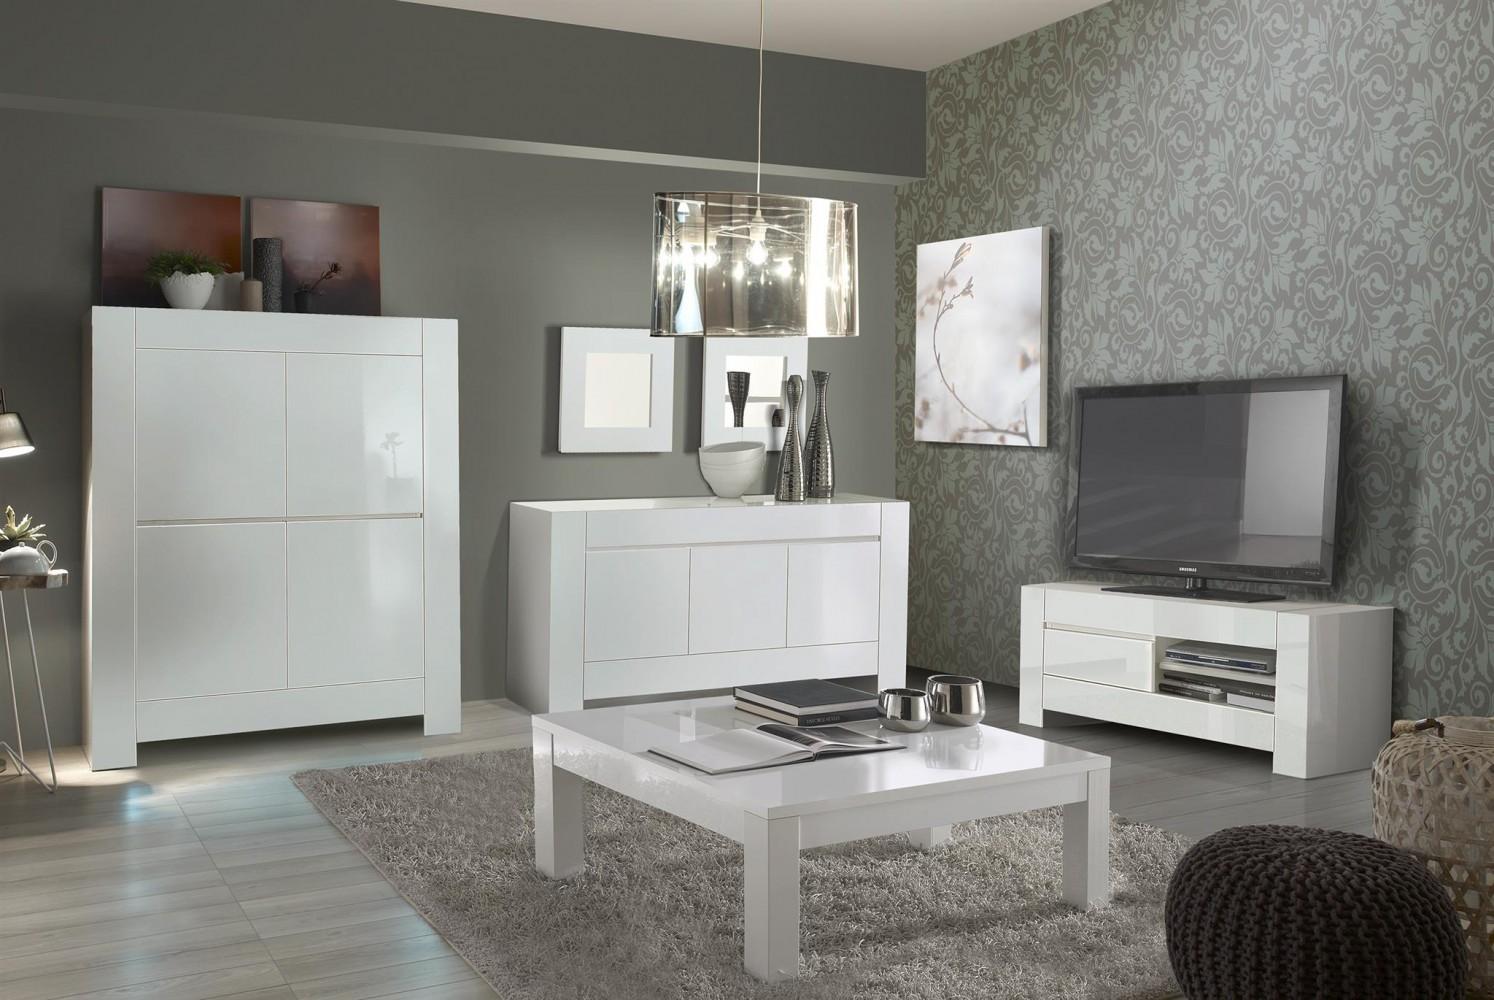 Best Küche Landhaus Weiß Pictures - Farbideen fürs Wohnzimmer ...